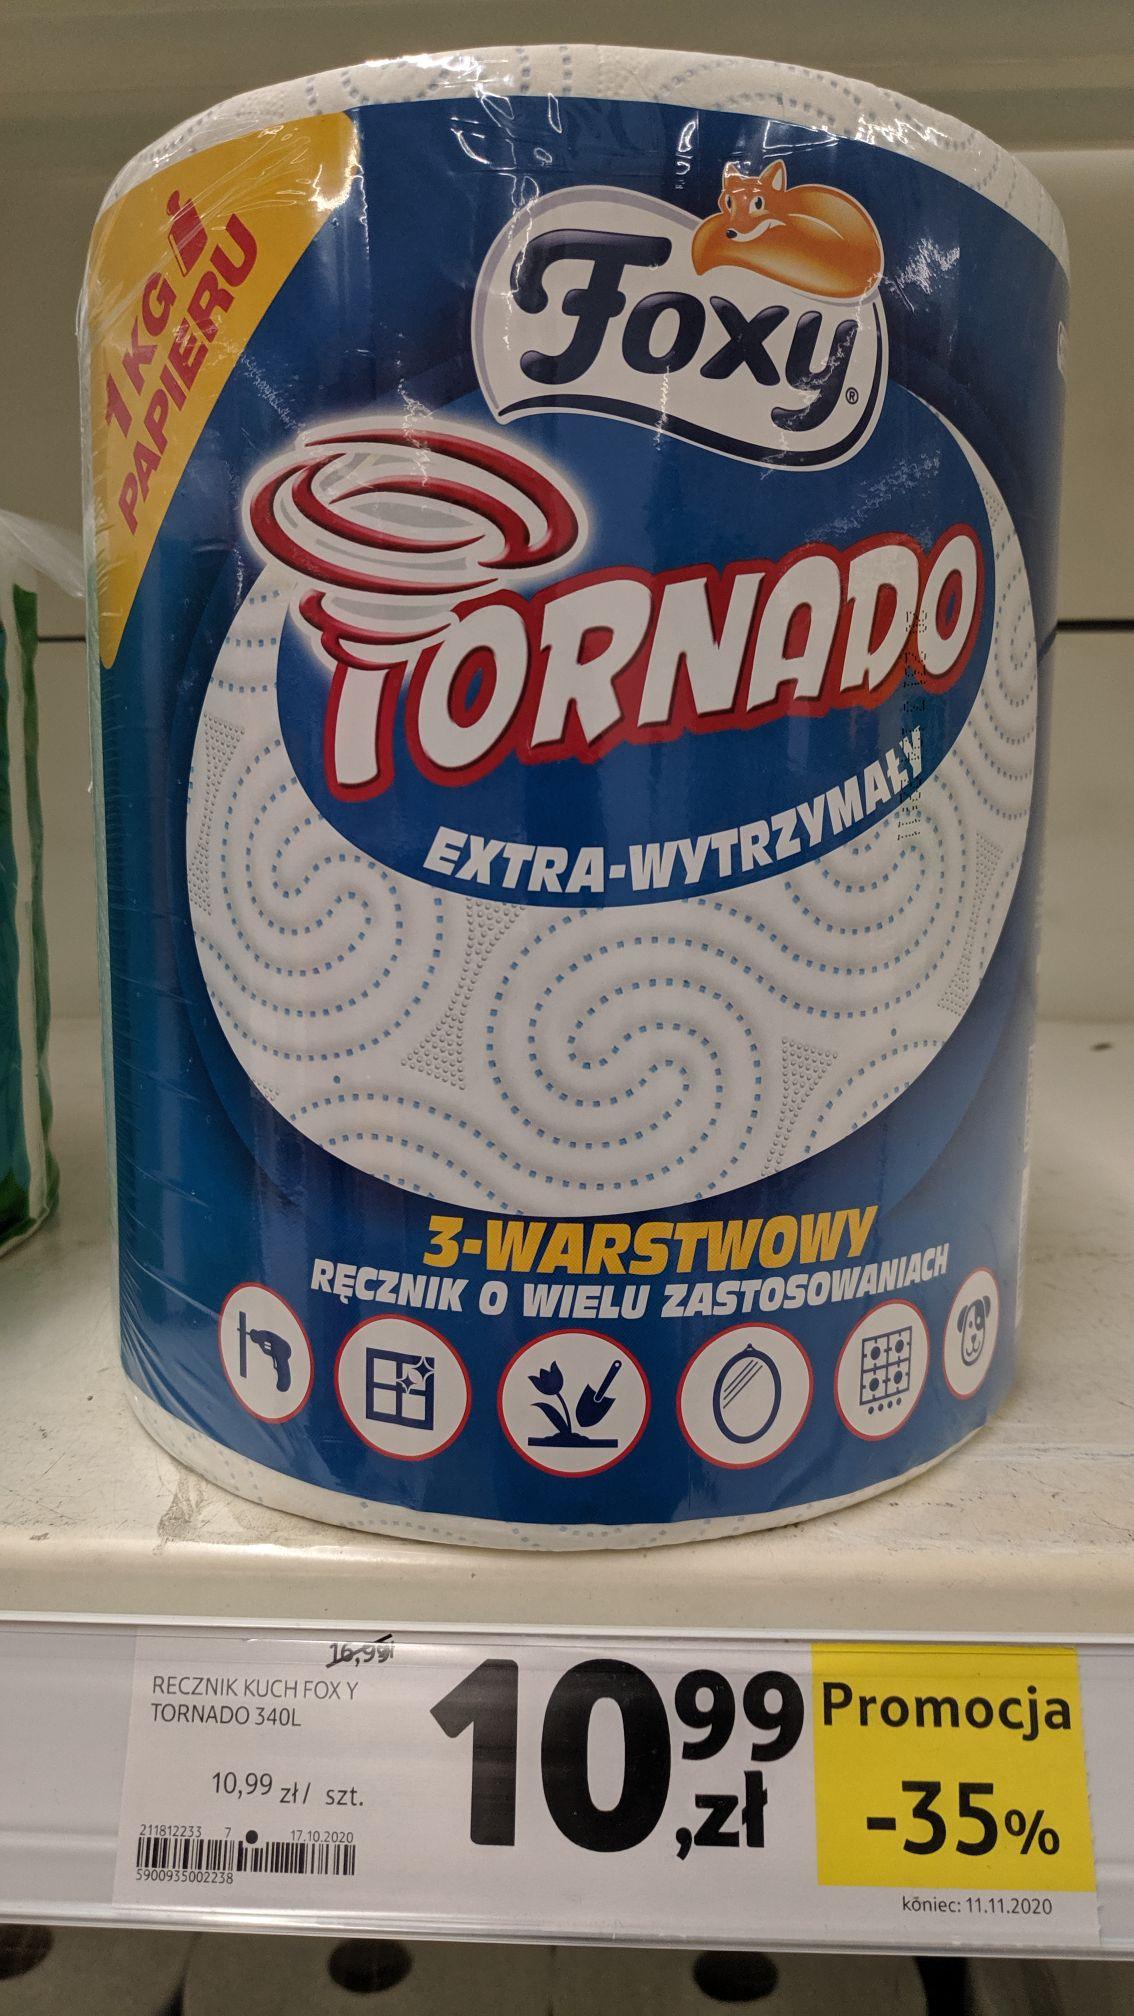 Ręcznik papierowy Foxy Tornado za 10,99 w Tesco